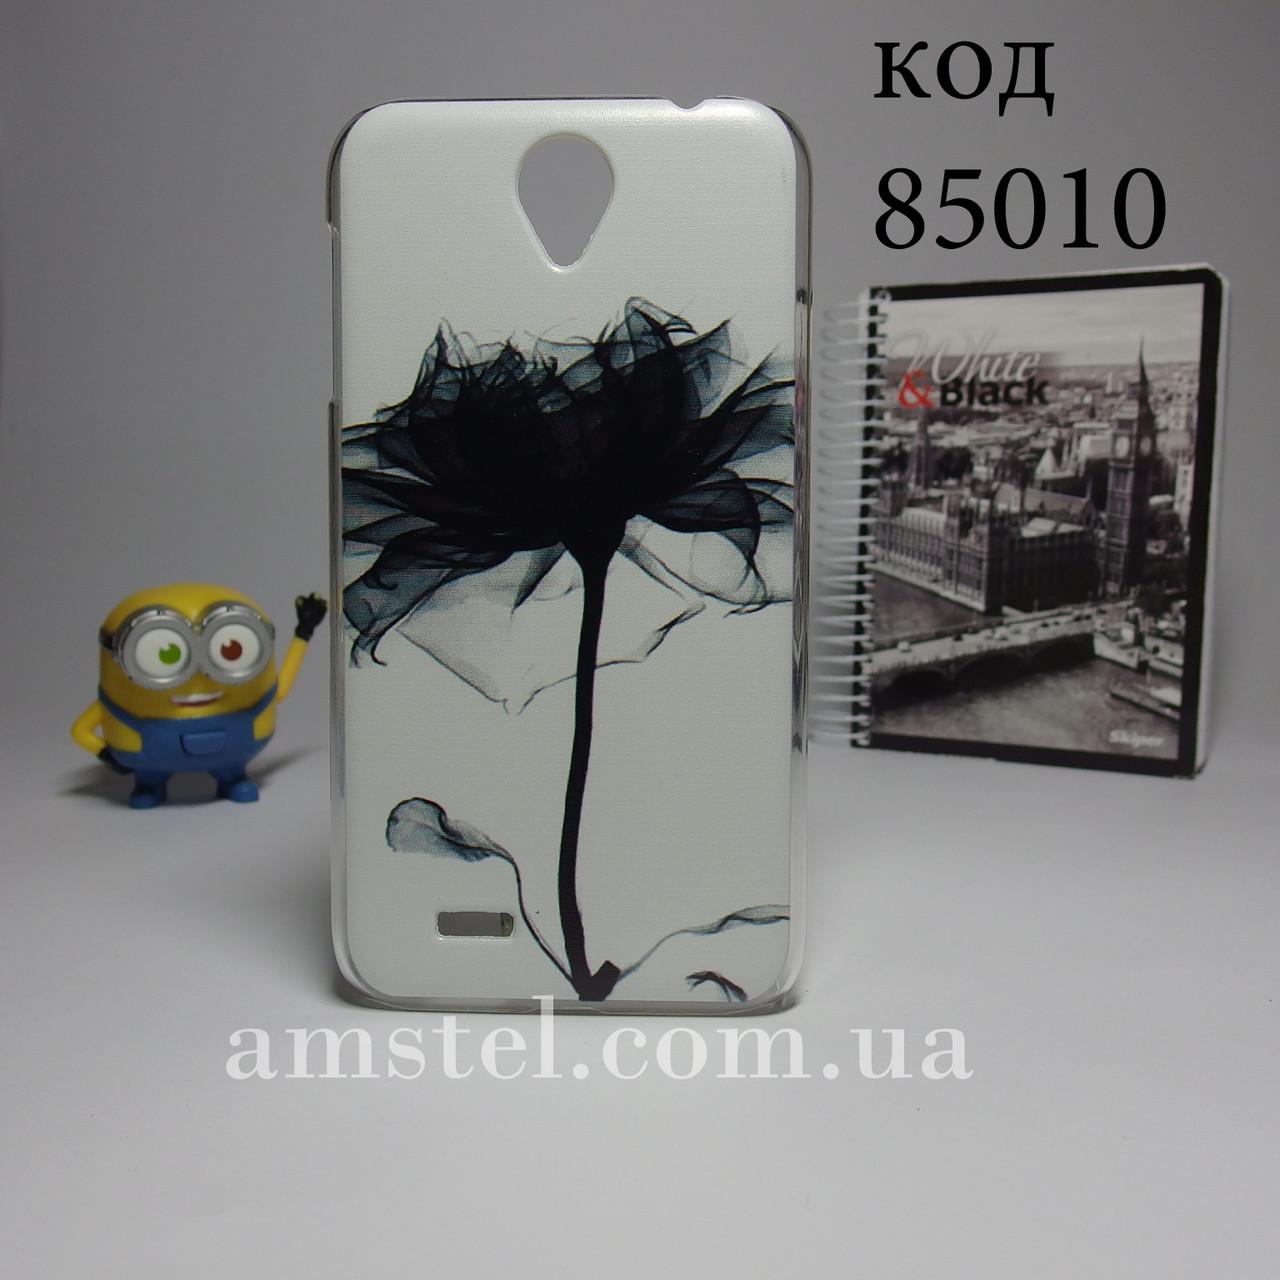 Чехол для lenovo a850 панель накладка с рисунком цветок